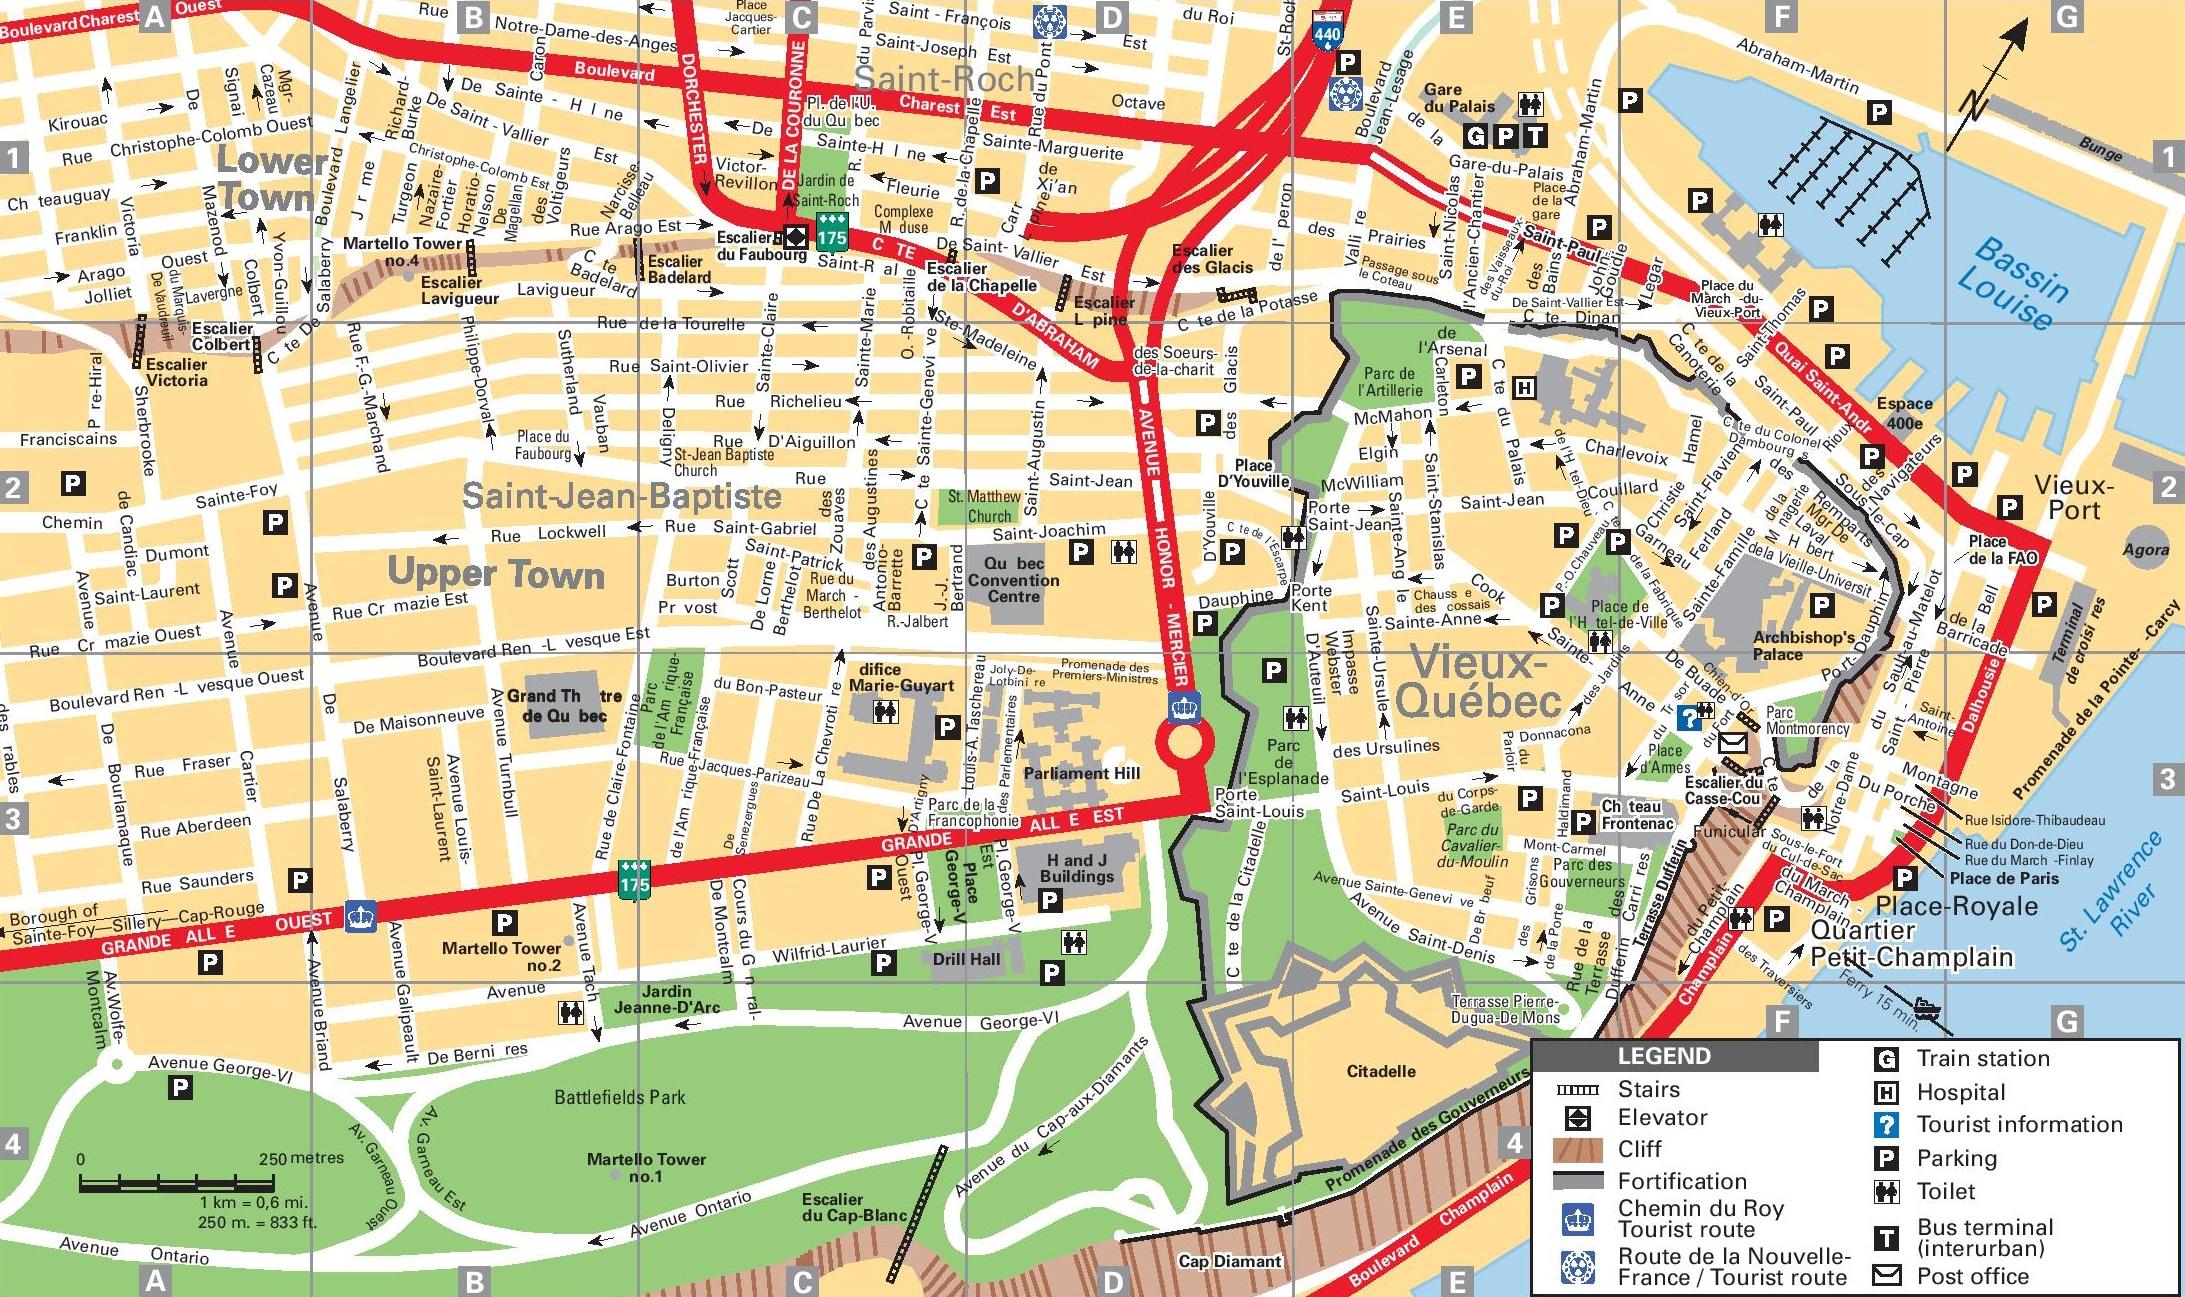 Quebec City Map Quebec City tourist map